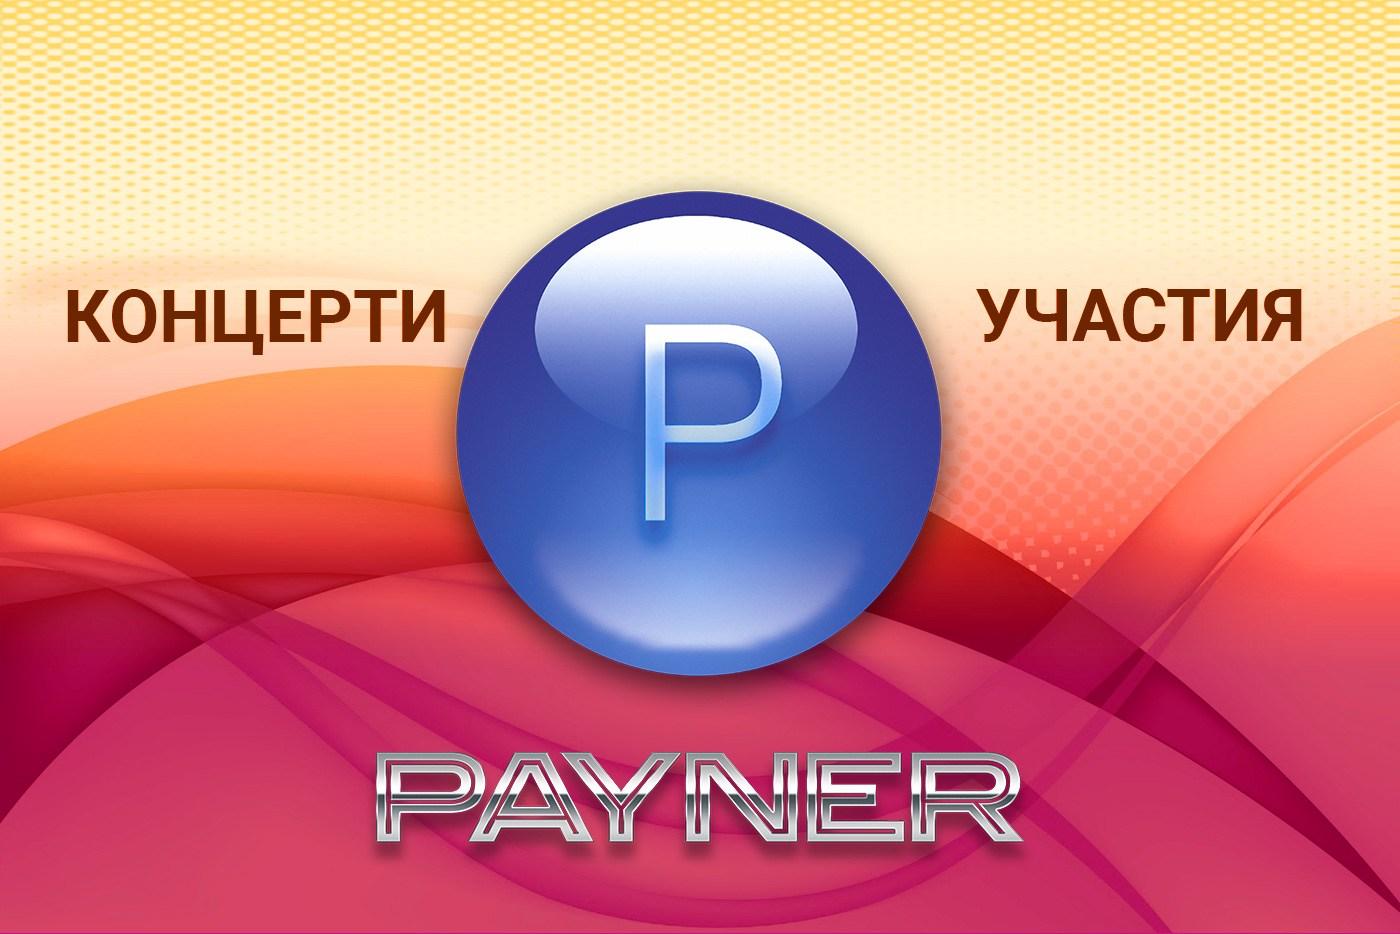 """Участия на звездите на """"Пайнер"""" на 18.01.2020"""